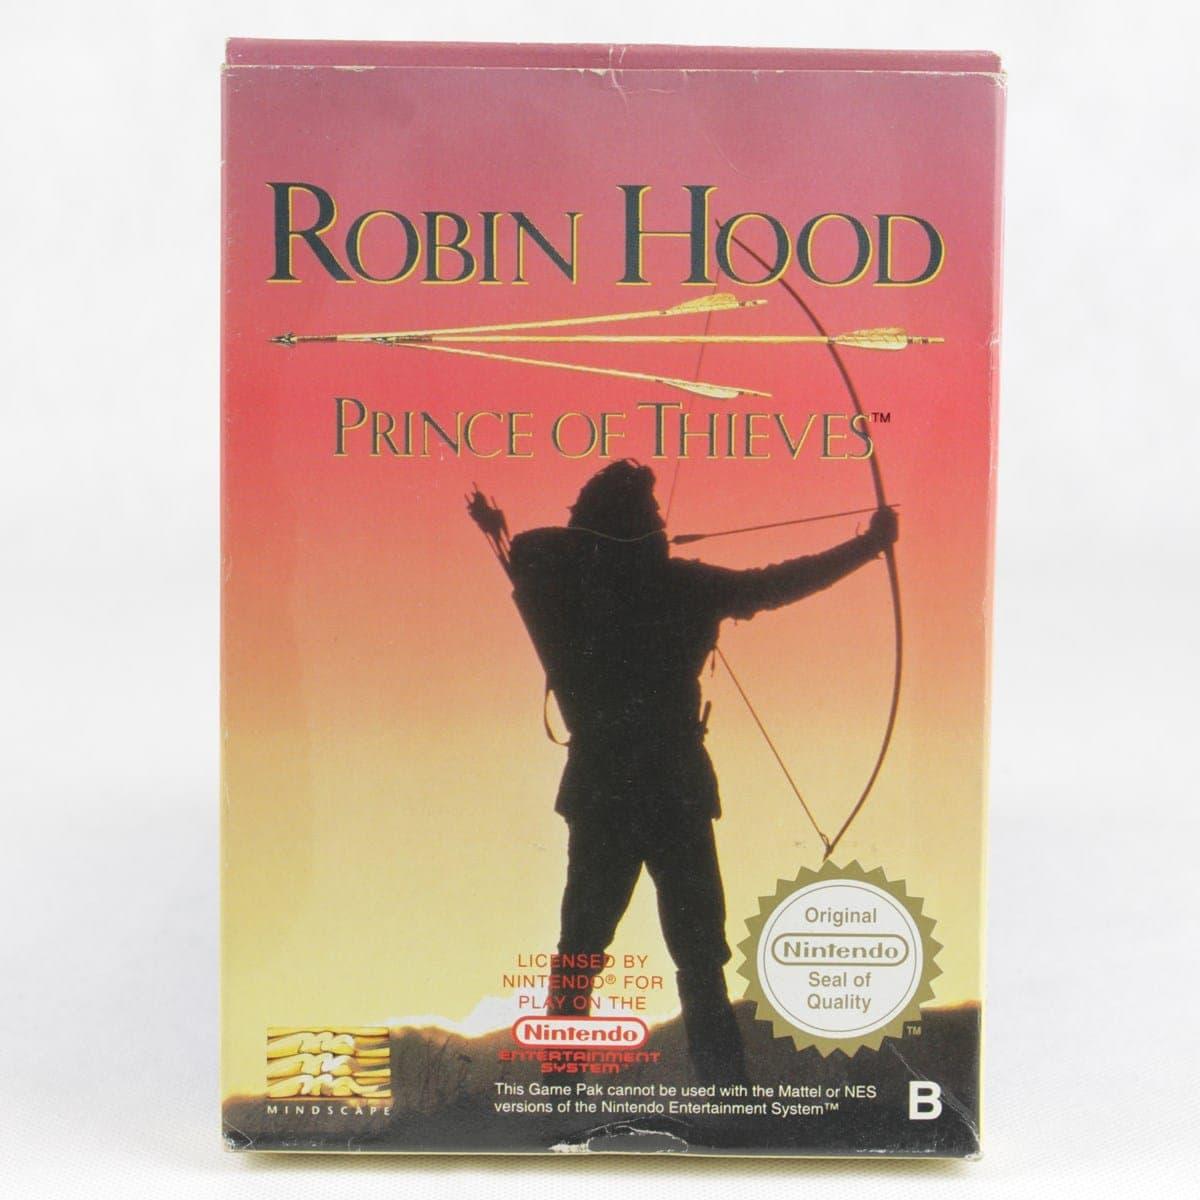 Robin Hood: Prince of Thieves (Nintendo NES, CIB, PAL-B)